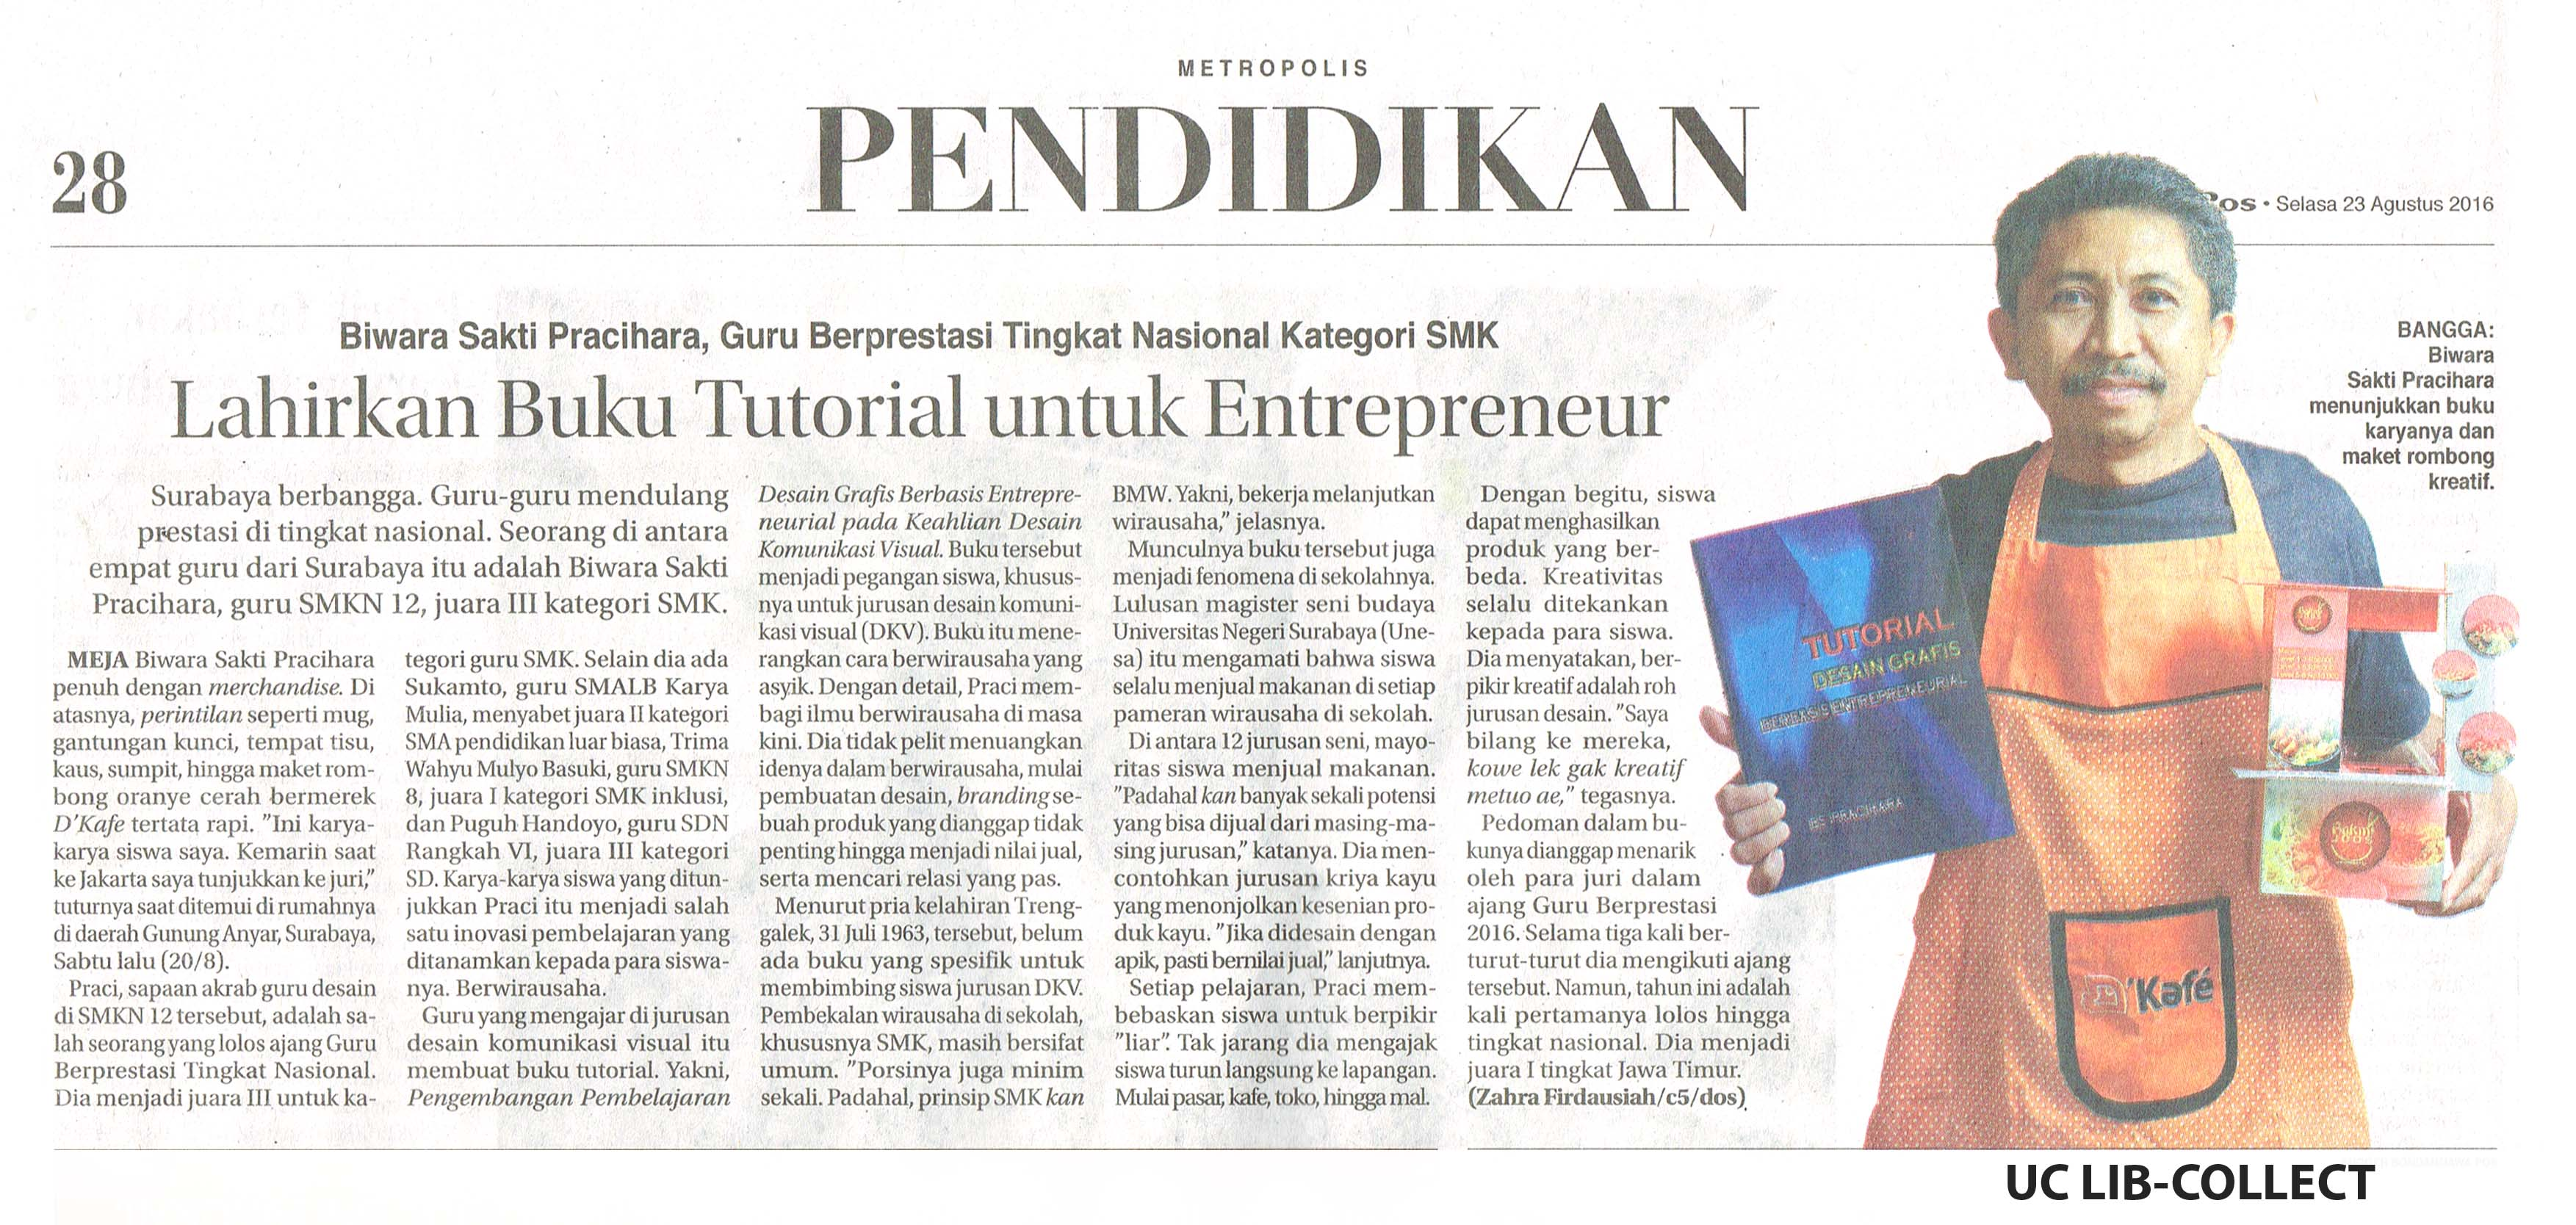 Lahirkan Buku Tutorial untuk Entrepreneur. JawaPos. 23 Agustus 2016. Hal 28